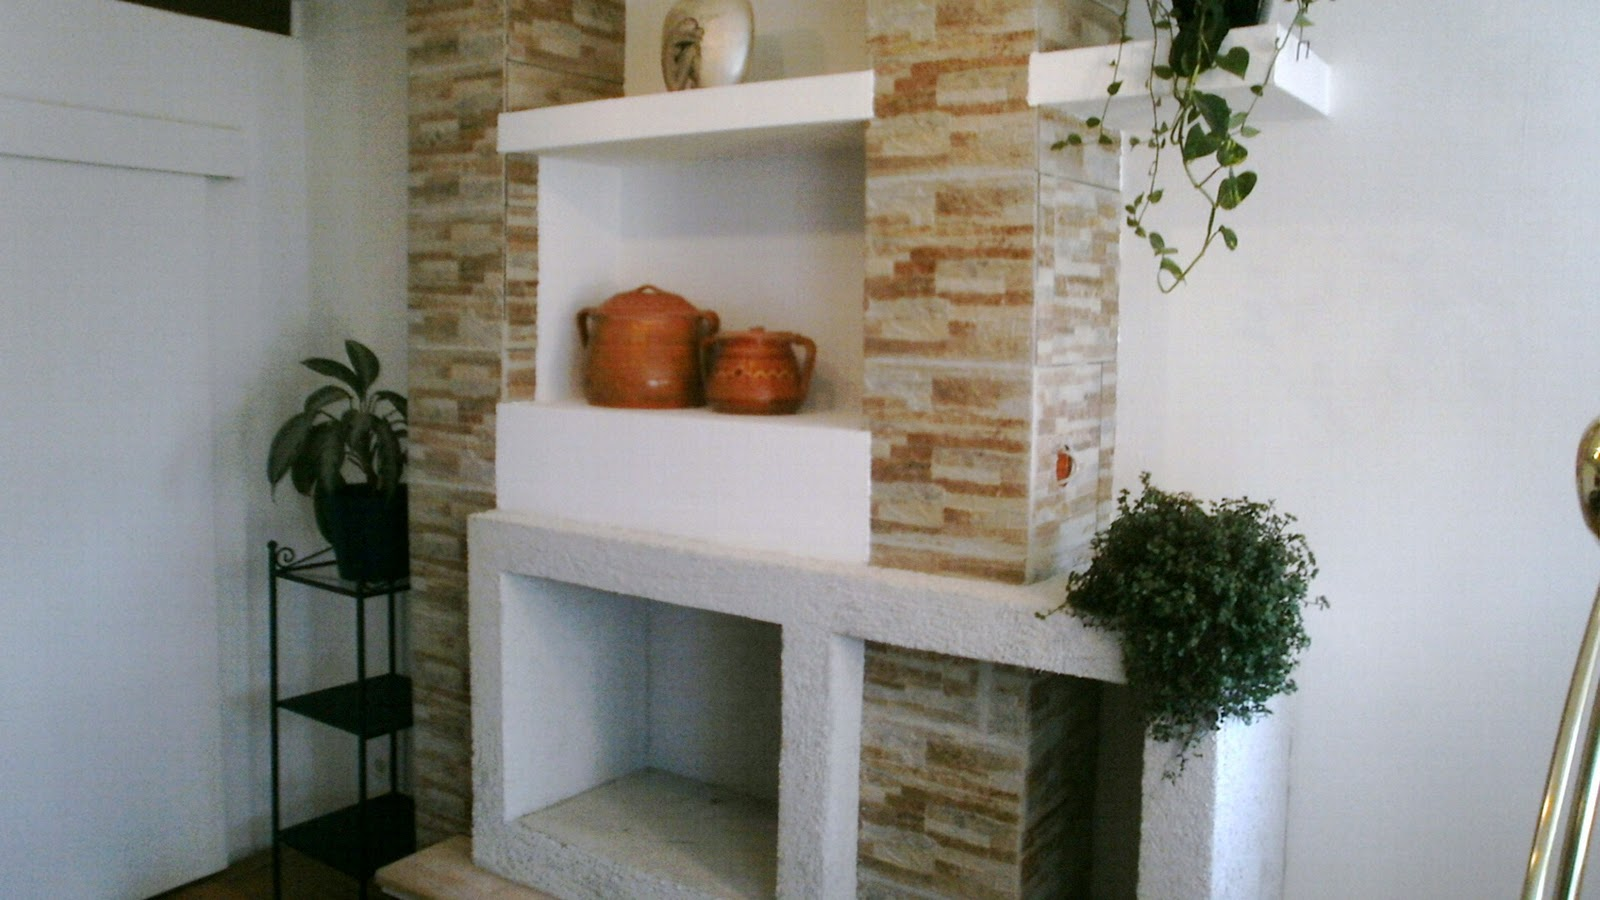 heimwerker brasa murano bio ethanol kamin mit kunst stein. Black Bedroom Furniture Sets. Home Design Ideas